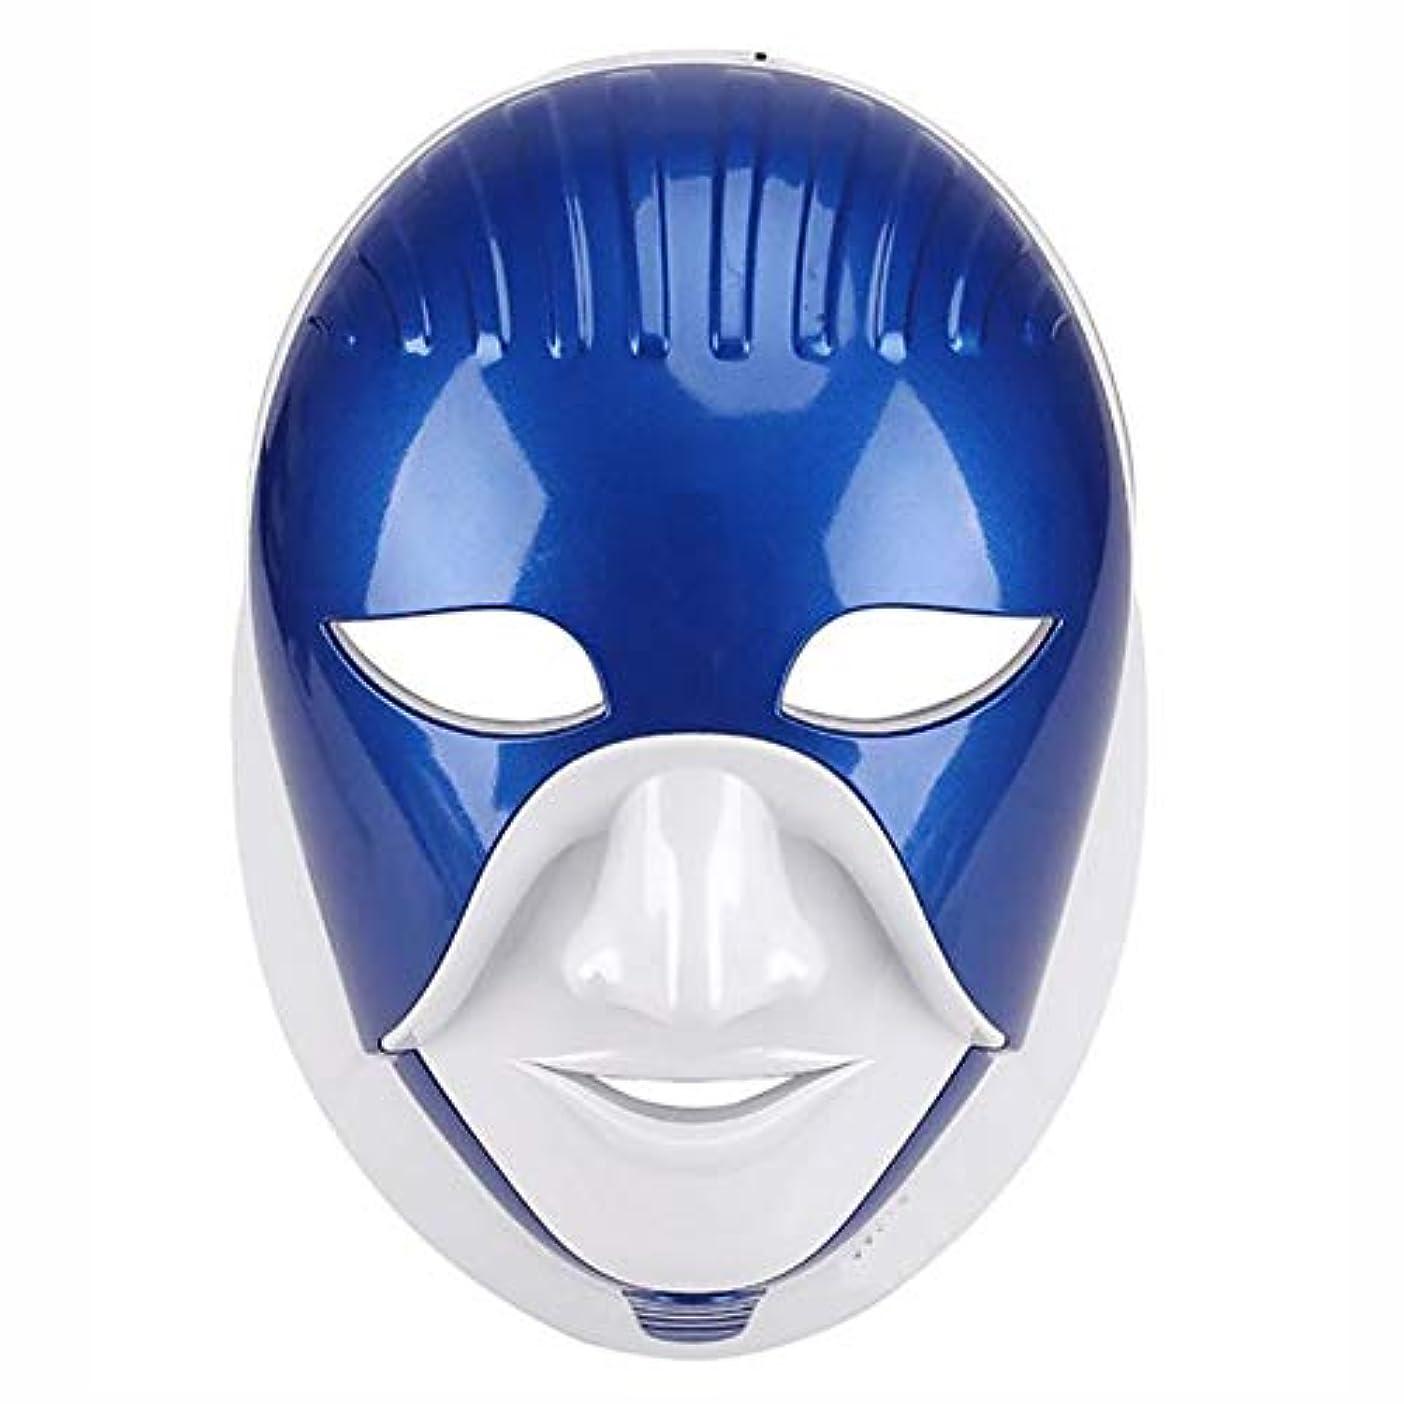 危険なタイマー用語集LEDフェイスマスク治療マスク充電式7色Ledフェイシャルマスクスキンケアの顔の首のケア、CE承認(アルミボックス),ブルー